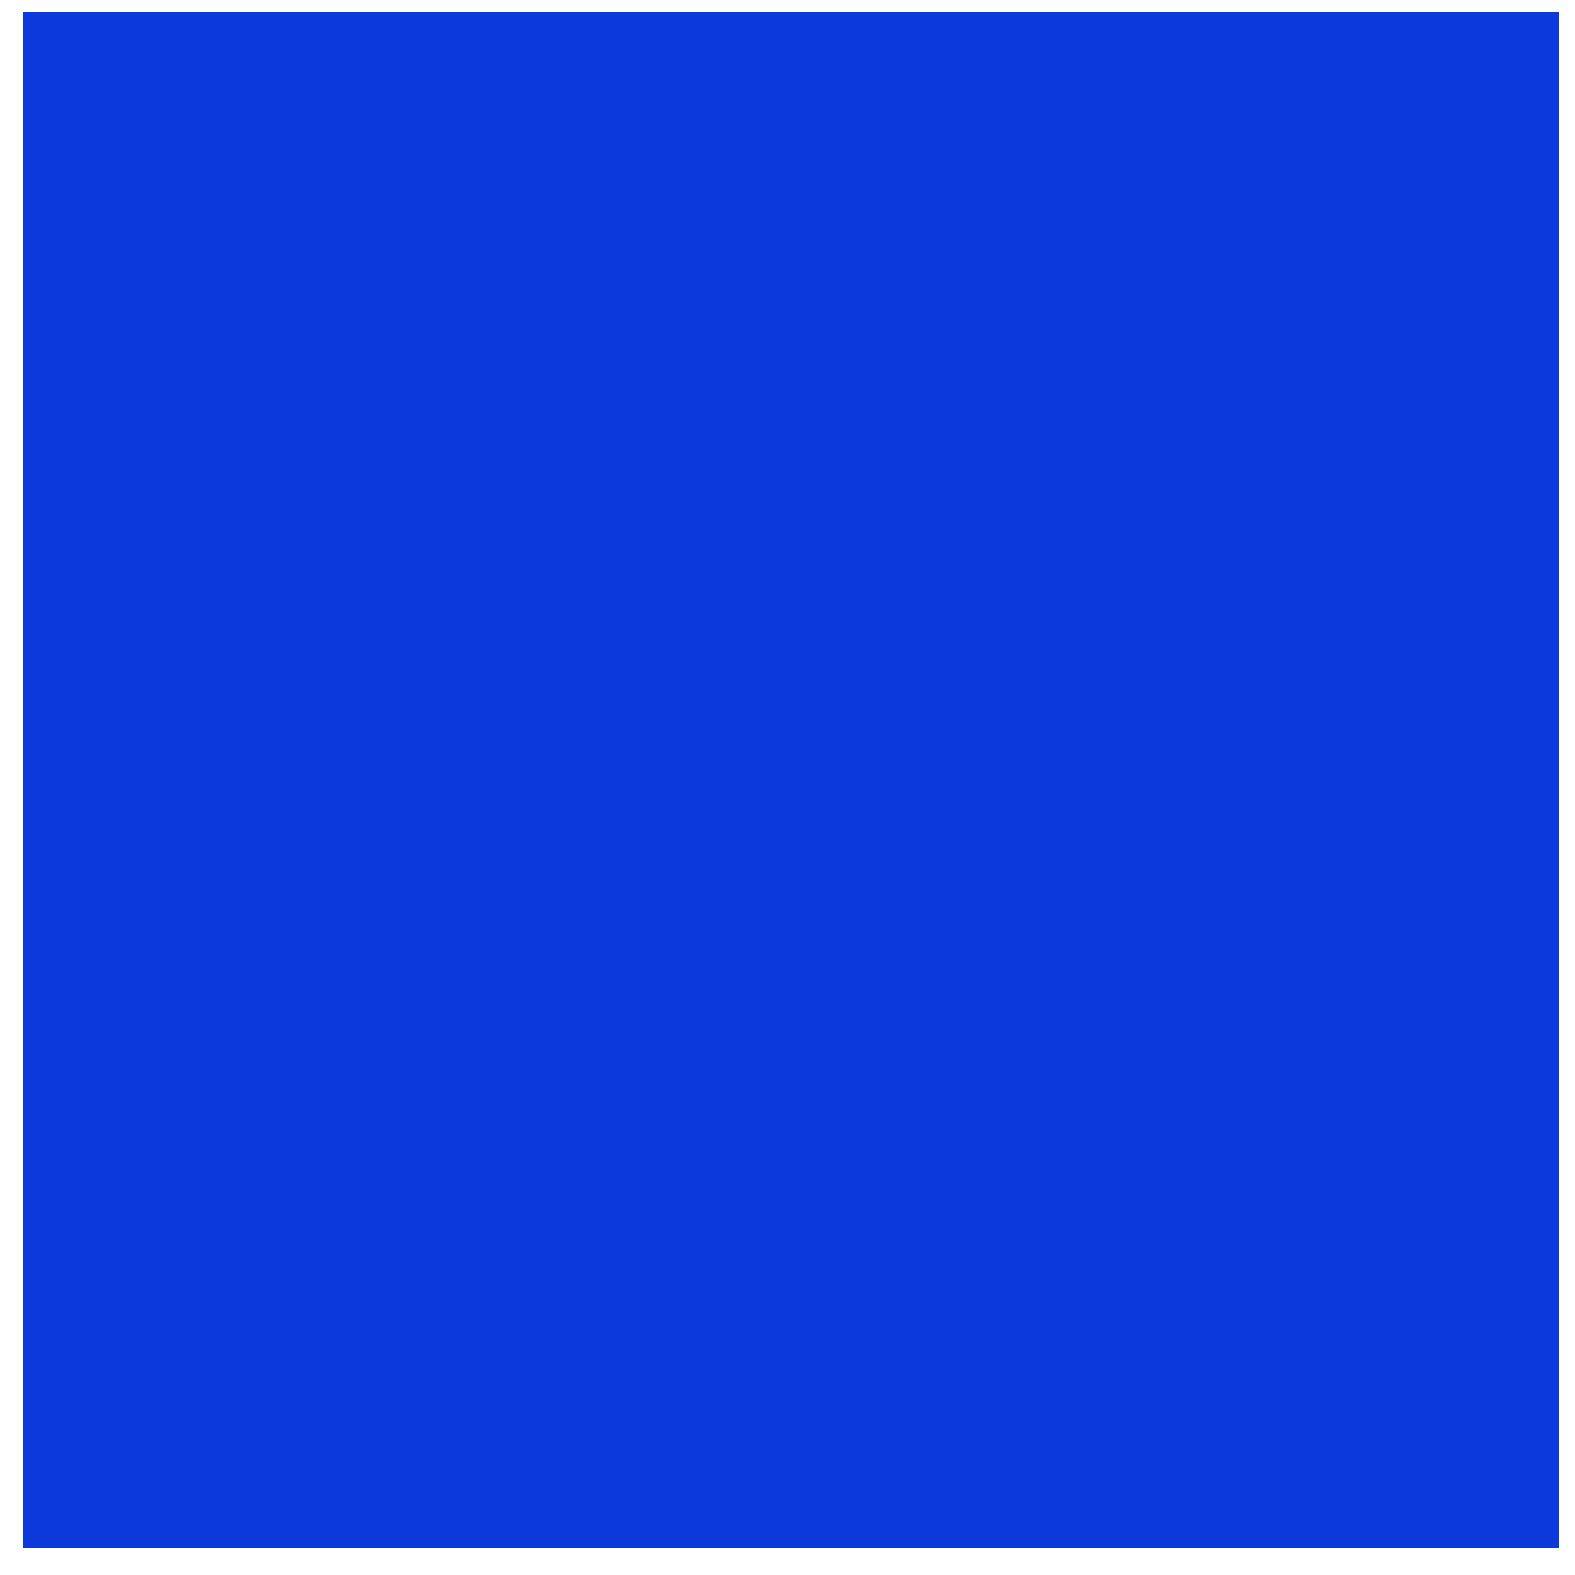 PADMA_le_LOTUS_bleu2.png